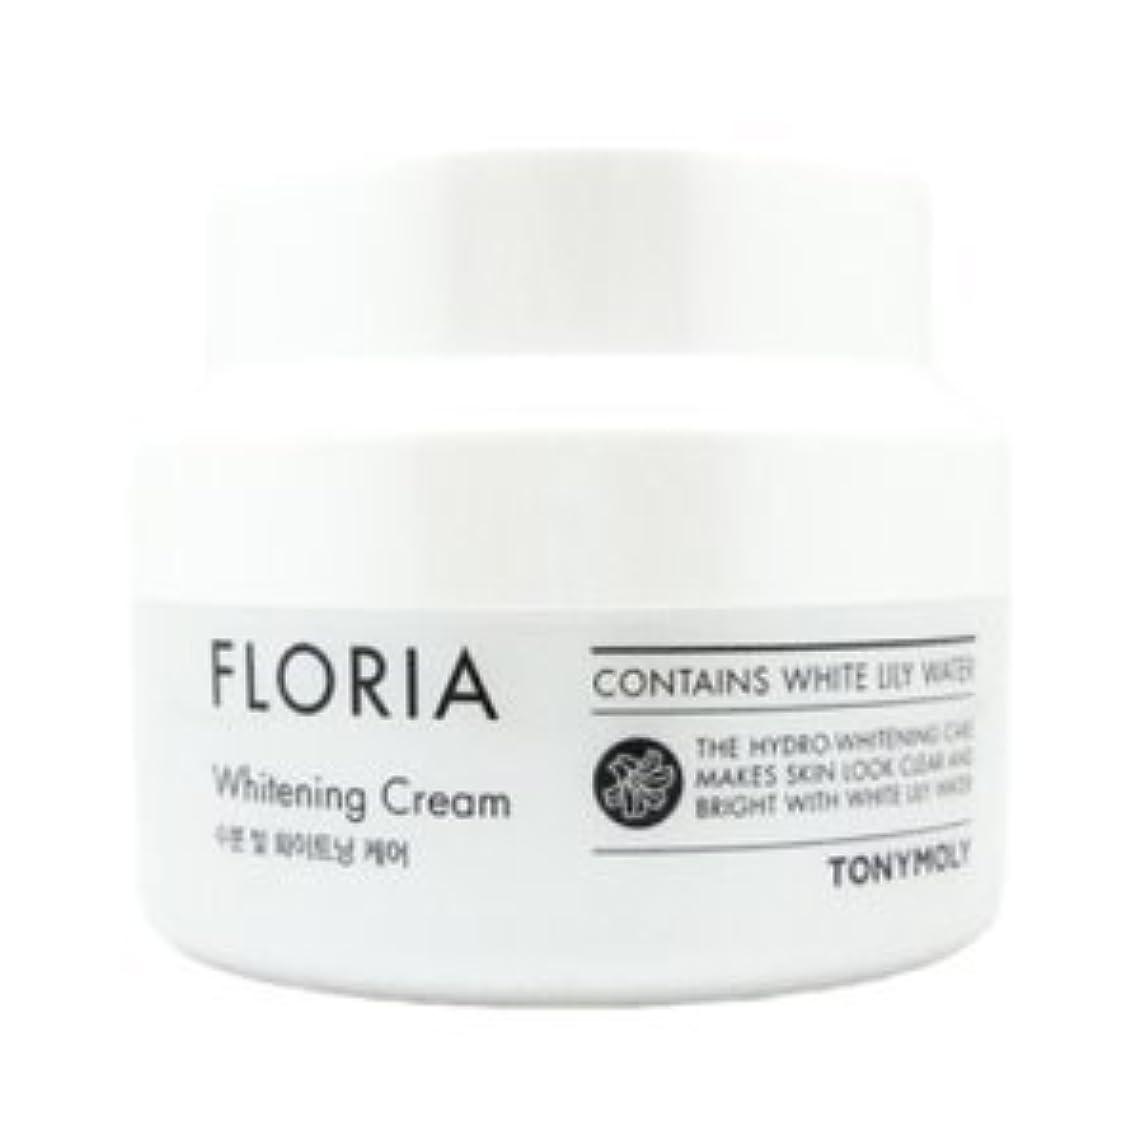 不確実晴れ泳ぐTONYMOLY Floria Whitening Cream 60ml/トニーモリー フロリア ホワイトニング クリーム 60ml [並行輸入品]